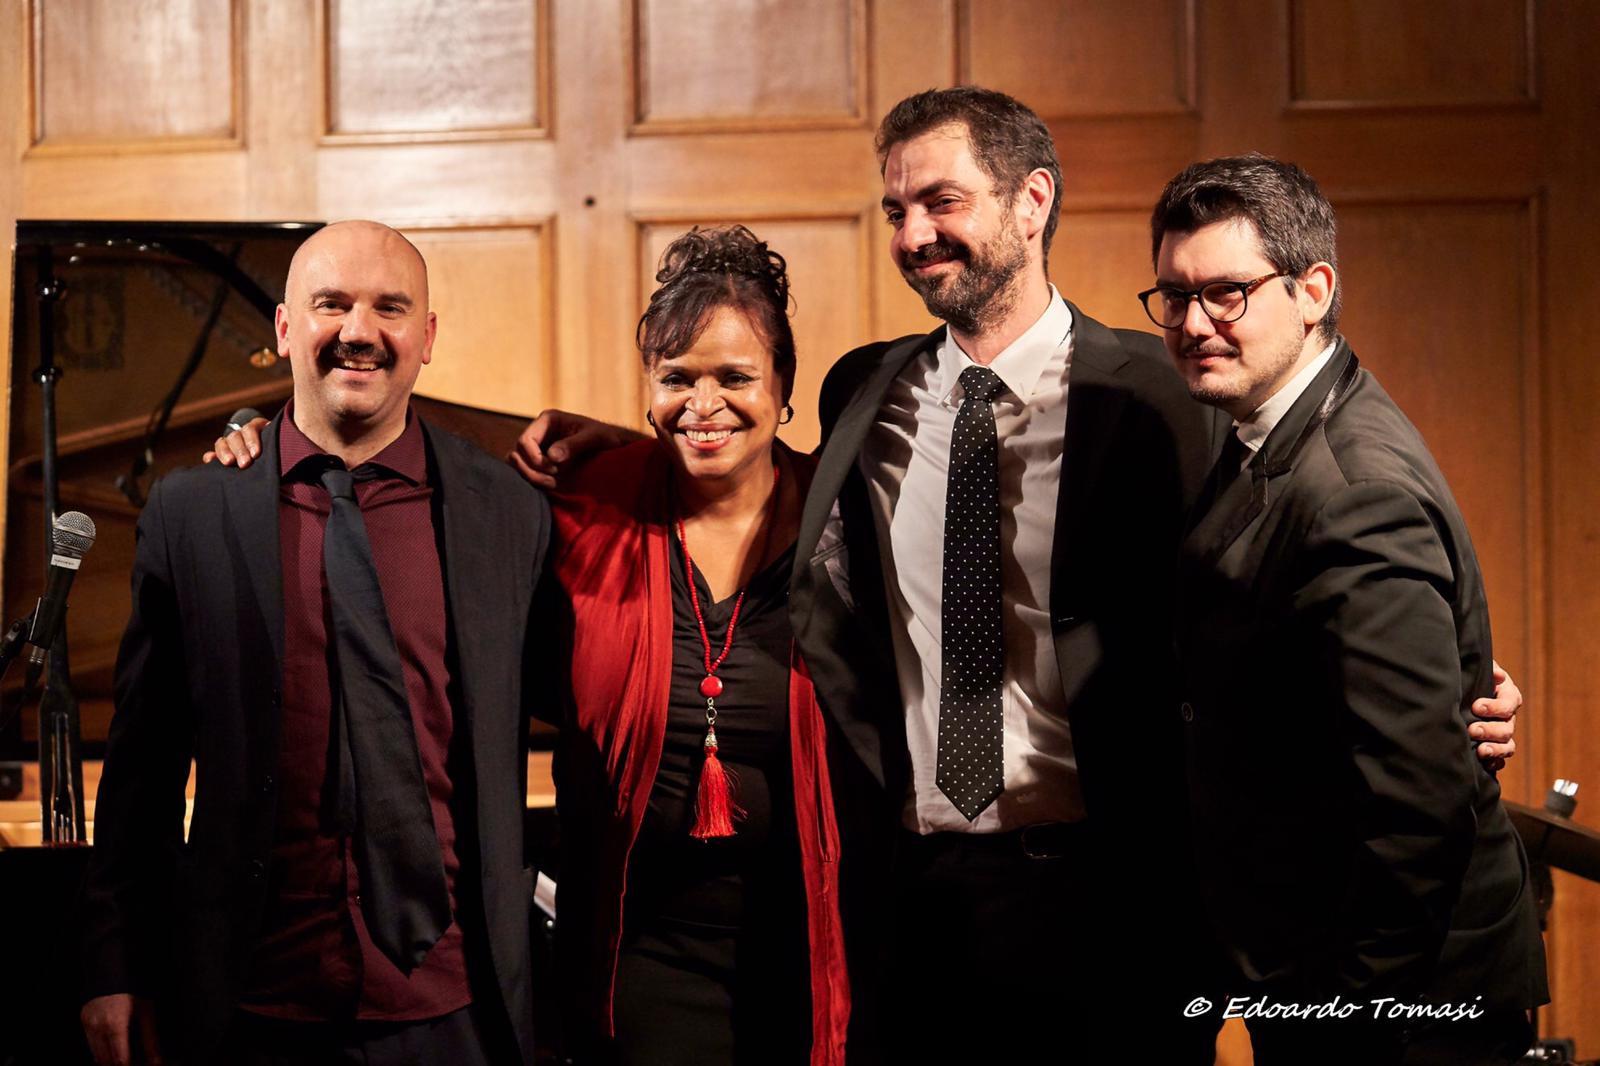 La grande cantante Deborah Carter in concerto con il suo italian trio al teatrino civico di Chivasso.